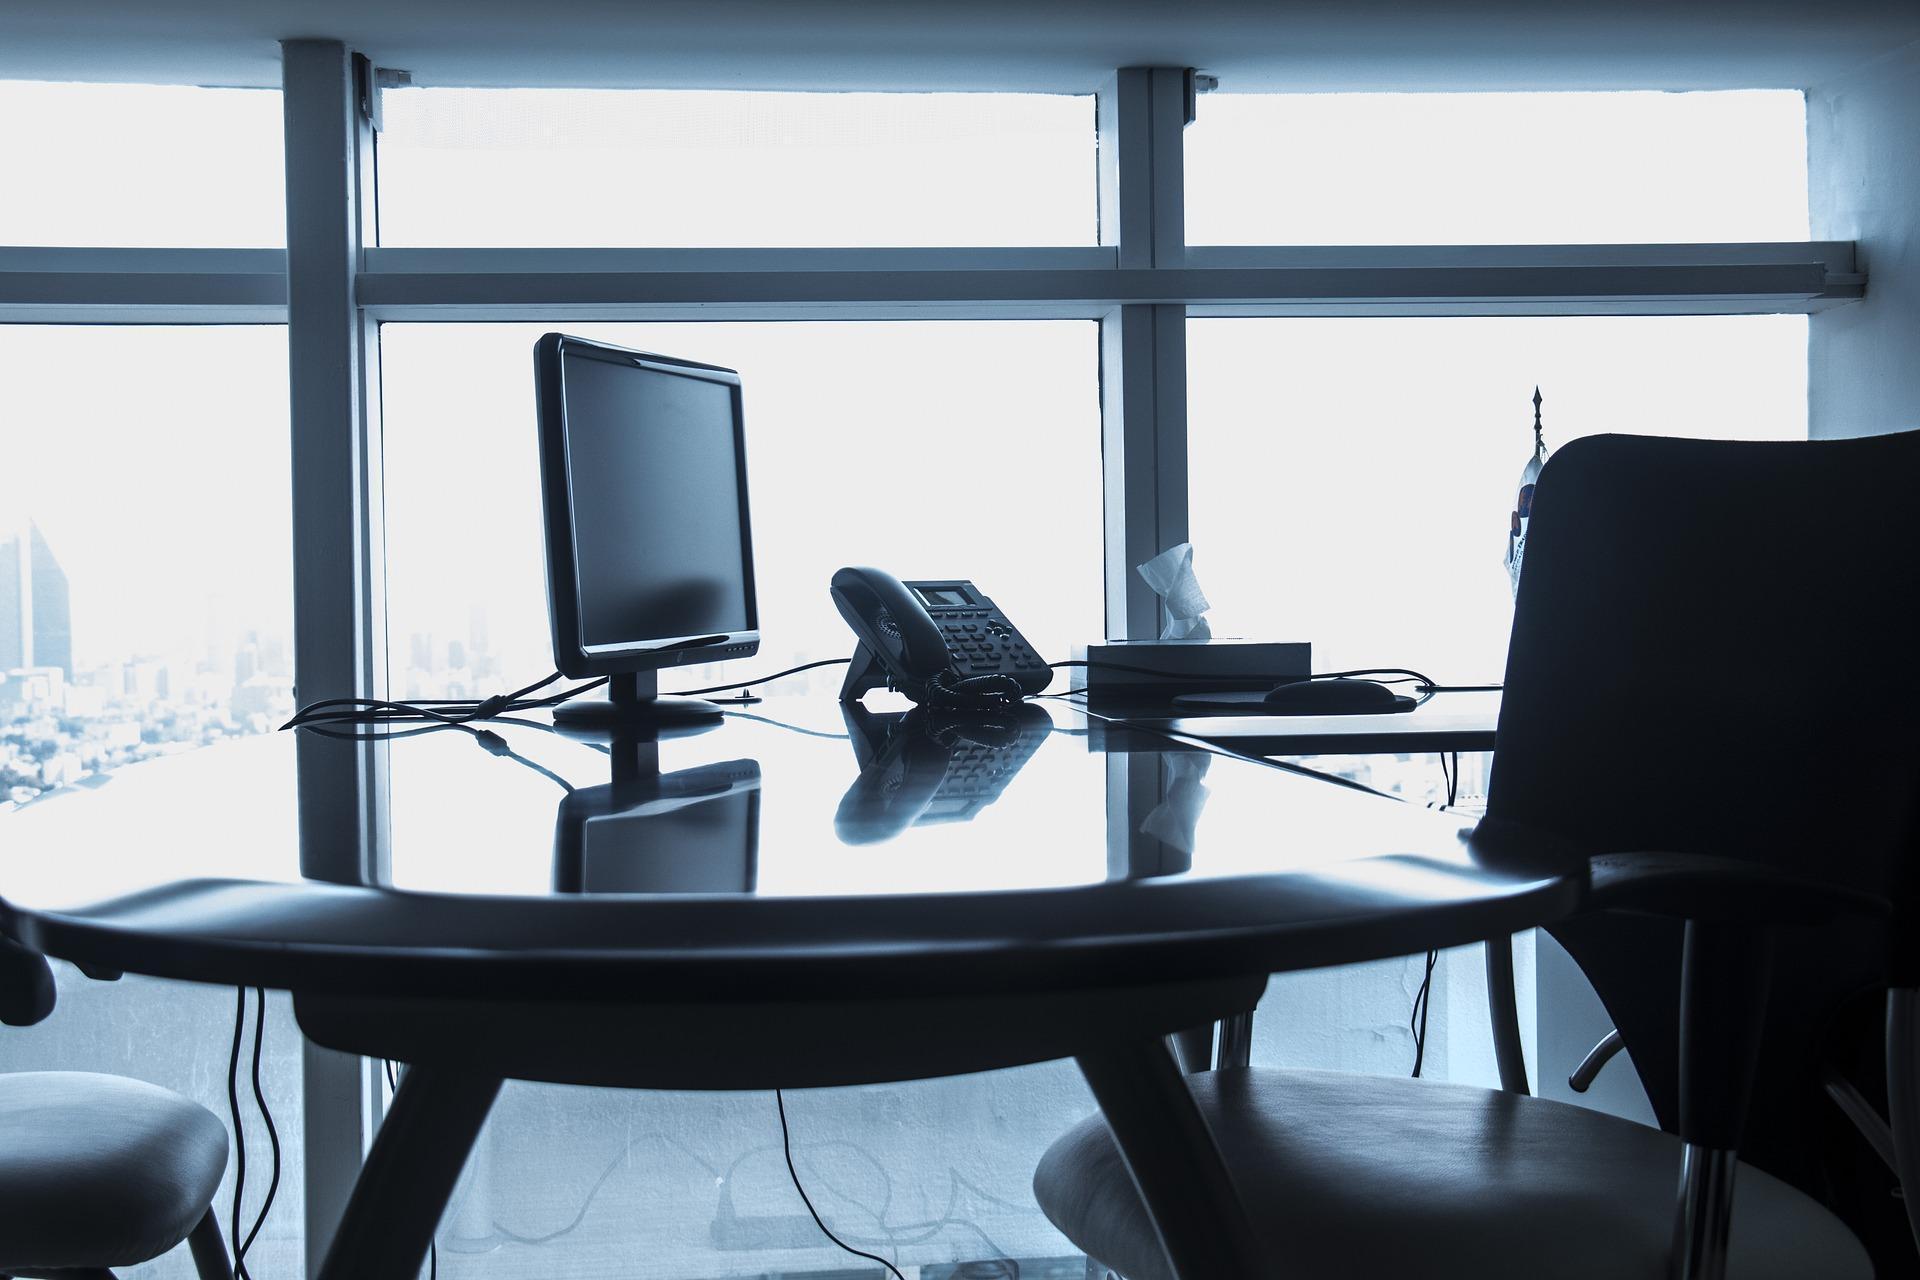 Annahmeverzugslohn – und die zwischenzeitige Arbeitsunfähigkeit